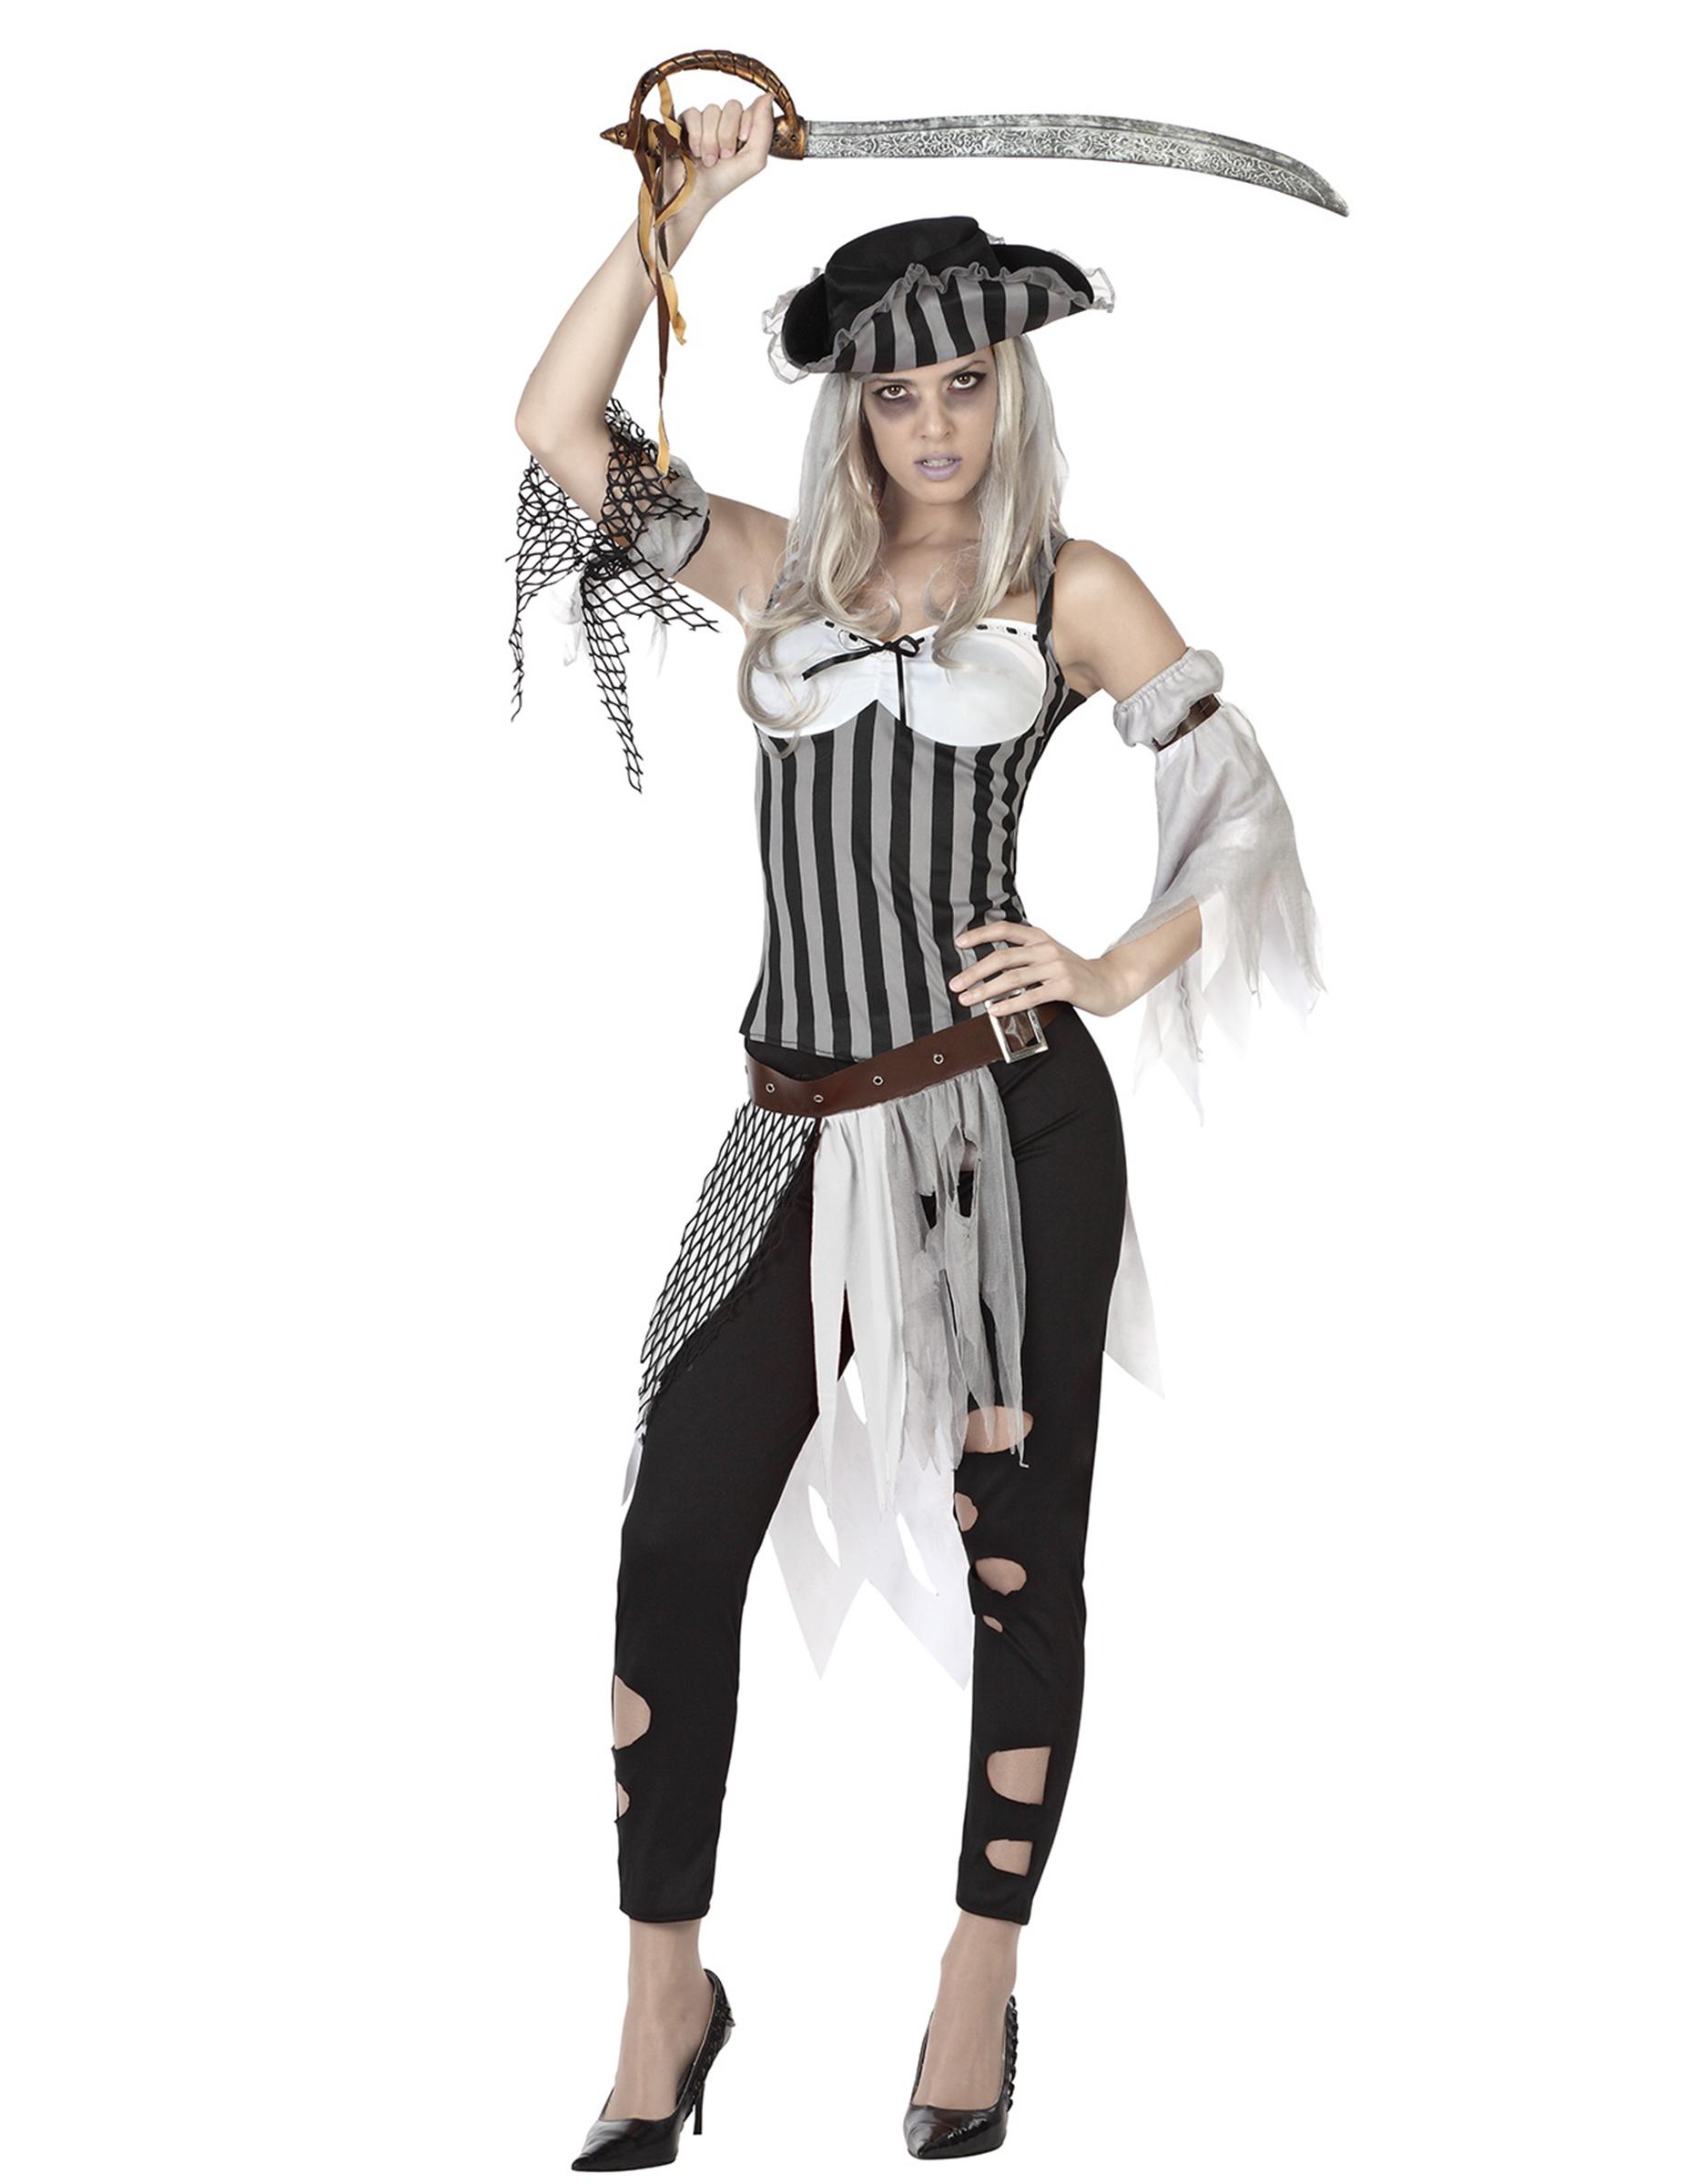 Zombie Kostüme Damen Best Of Piraten Zombie Verkleidung Für Frauen